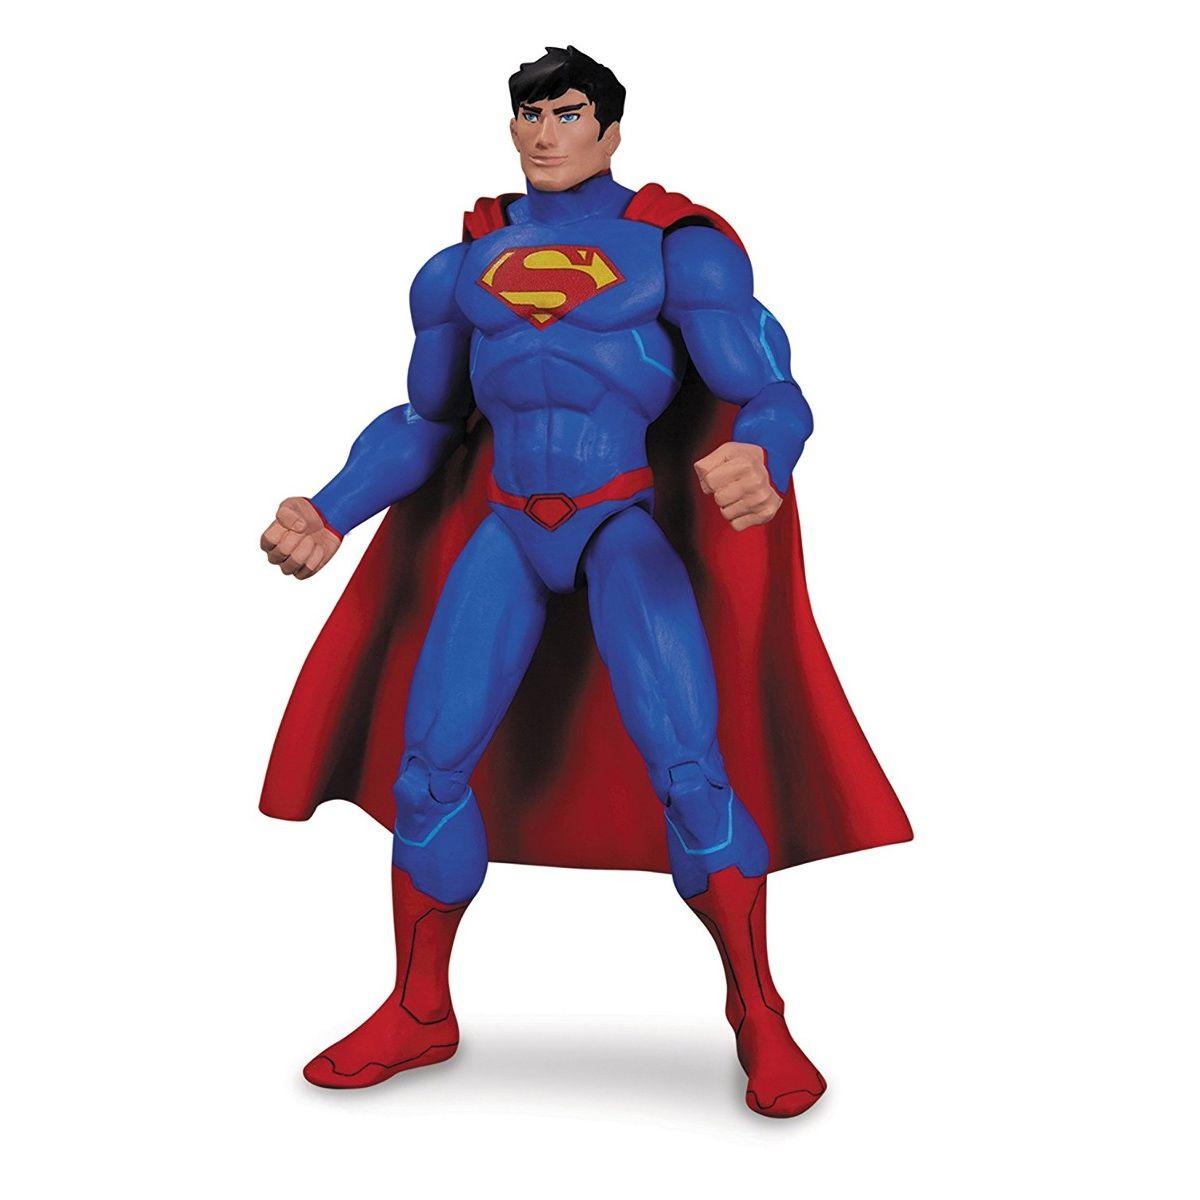 Superman ( Super Homem ) - Justice League War ( Liga da Justiça Guerra ) - DC Collectibles